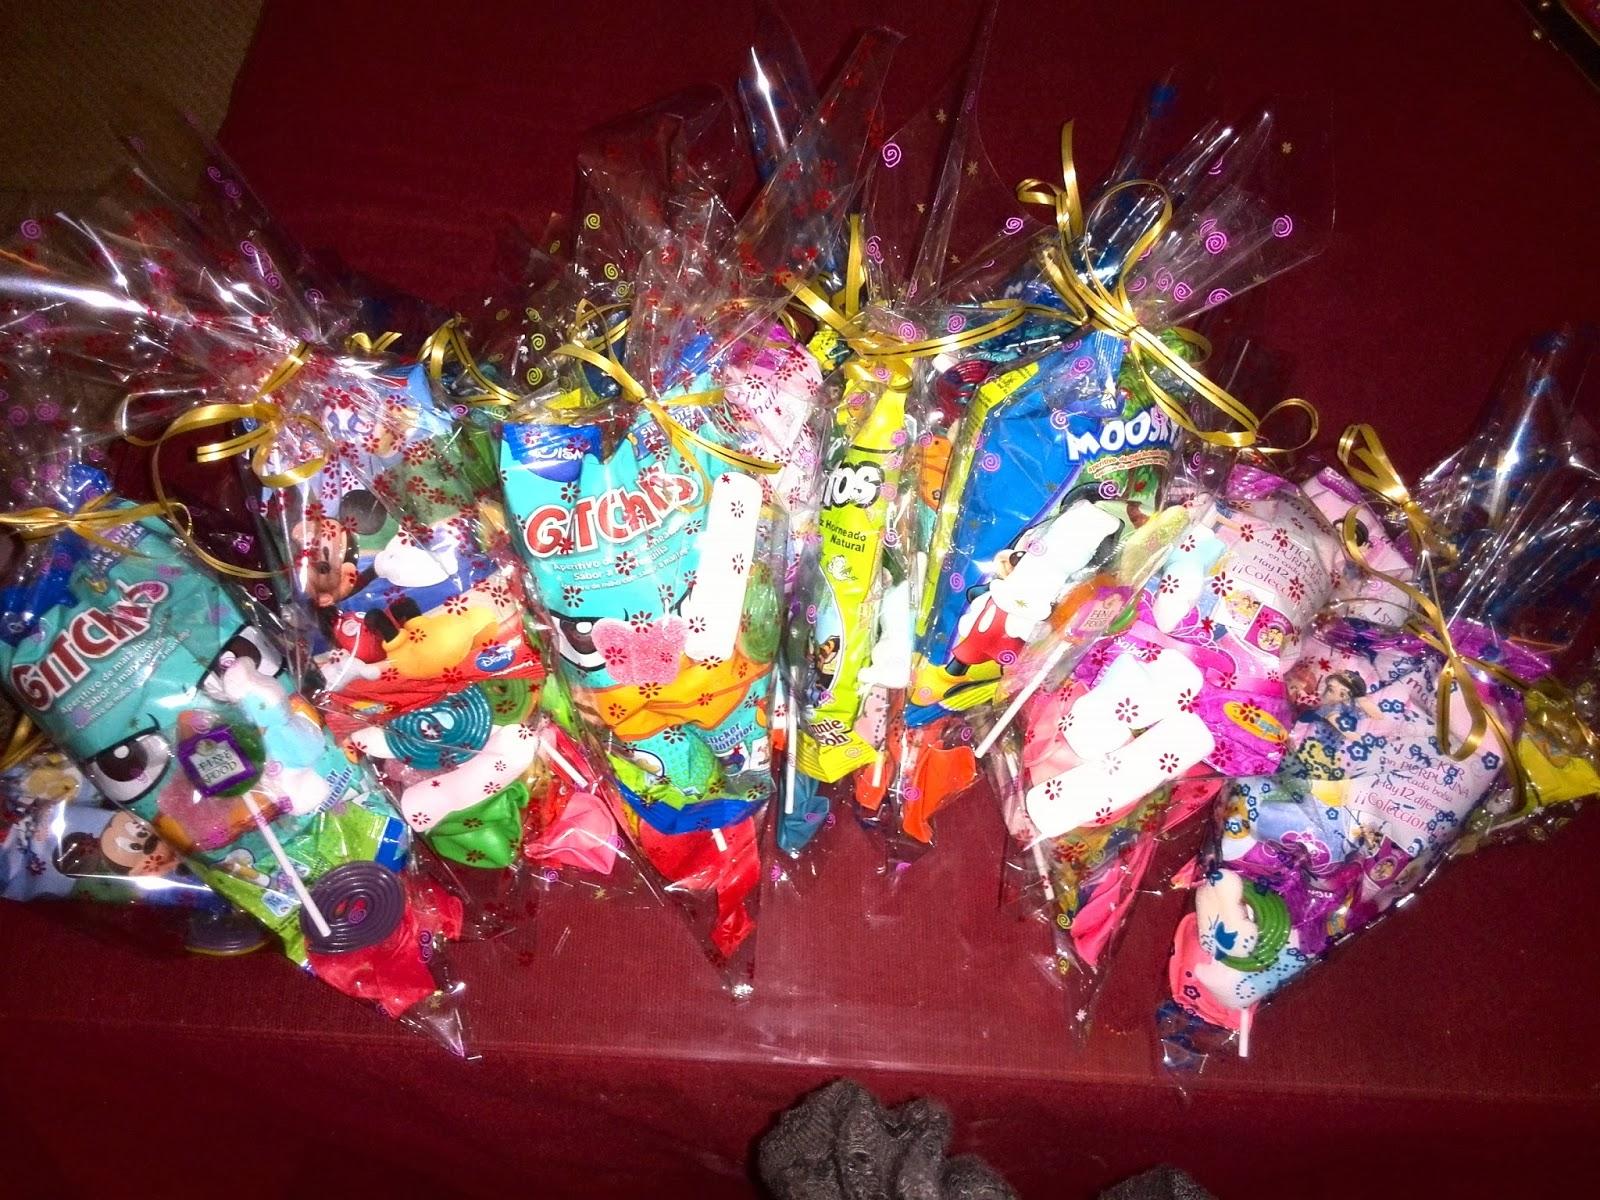 Todo en cestas de regalos y pasteler a de dise o - Golosinas para cumpleanos de ninos ...